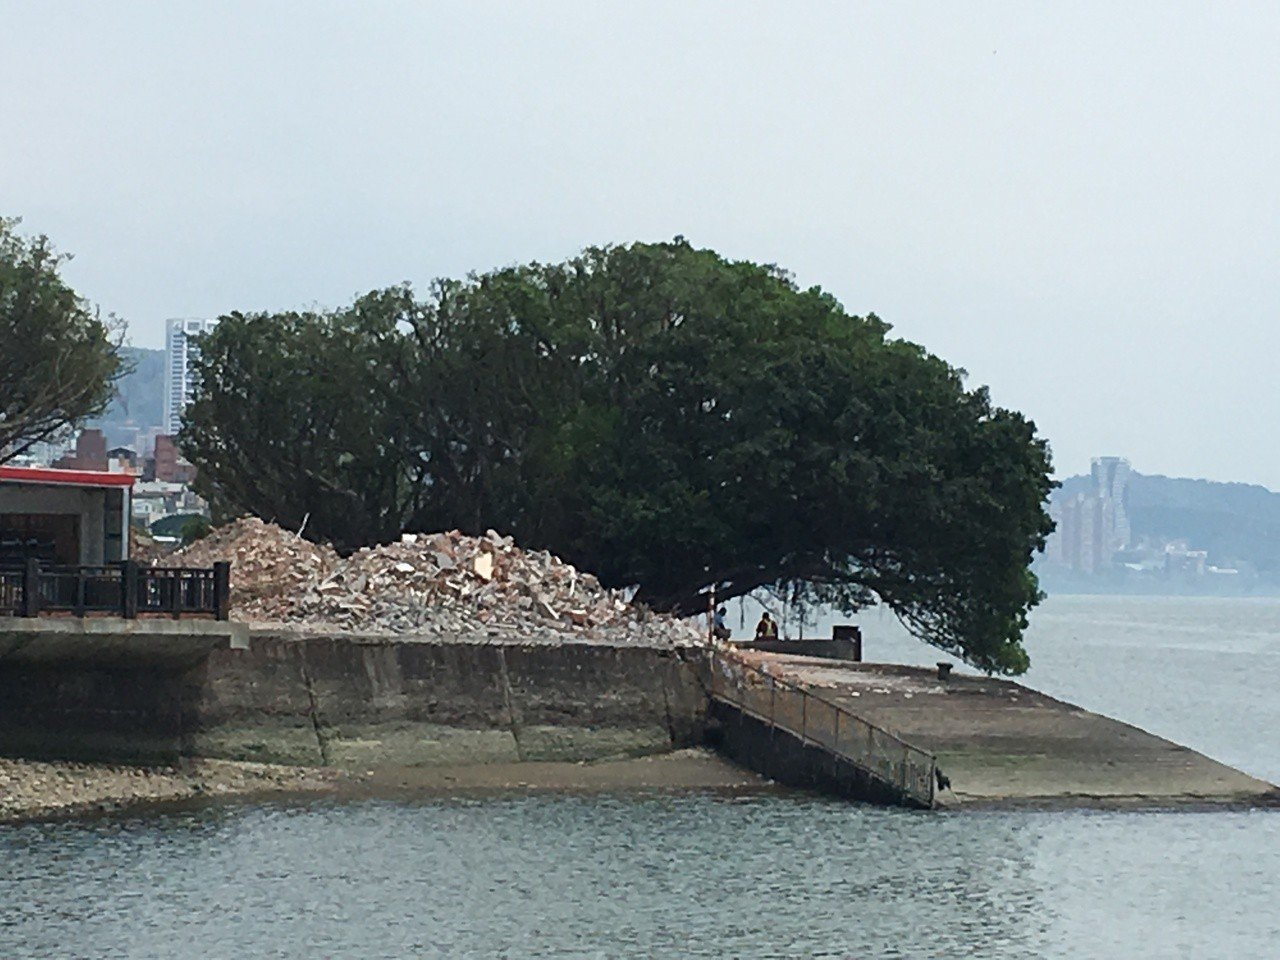 淡水古蹟博物館近期重新整建位在淡水河岸的海關碼頭,將舊有軍方遺留下的數棟軍舍全數...